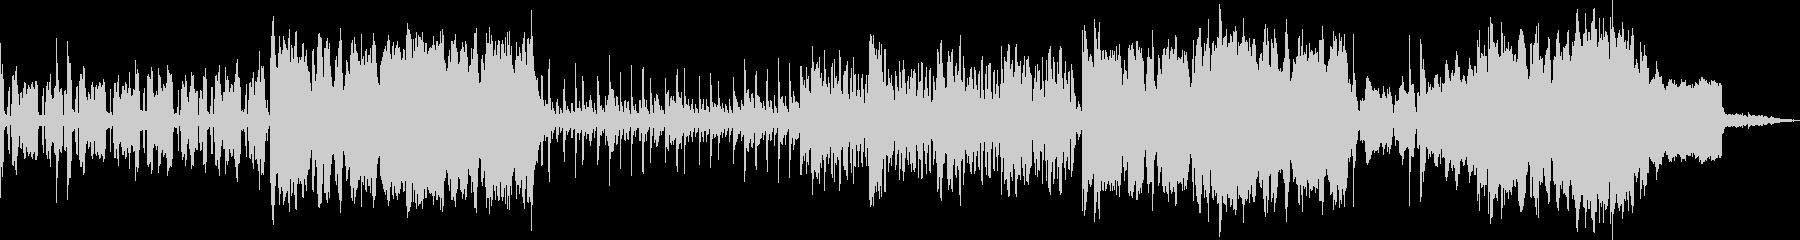 アイリッシュ1(明るいスリップジグ)の未再生の波形